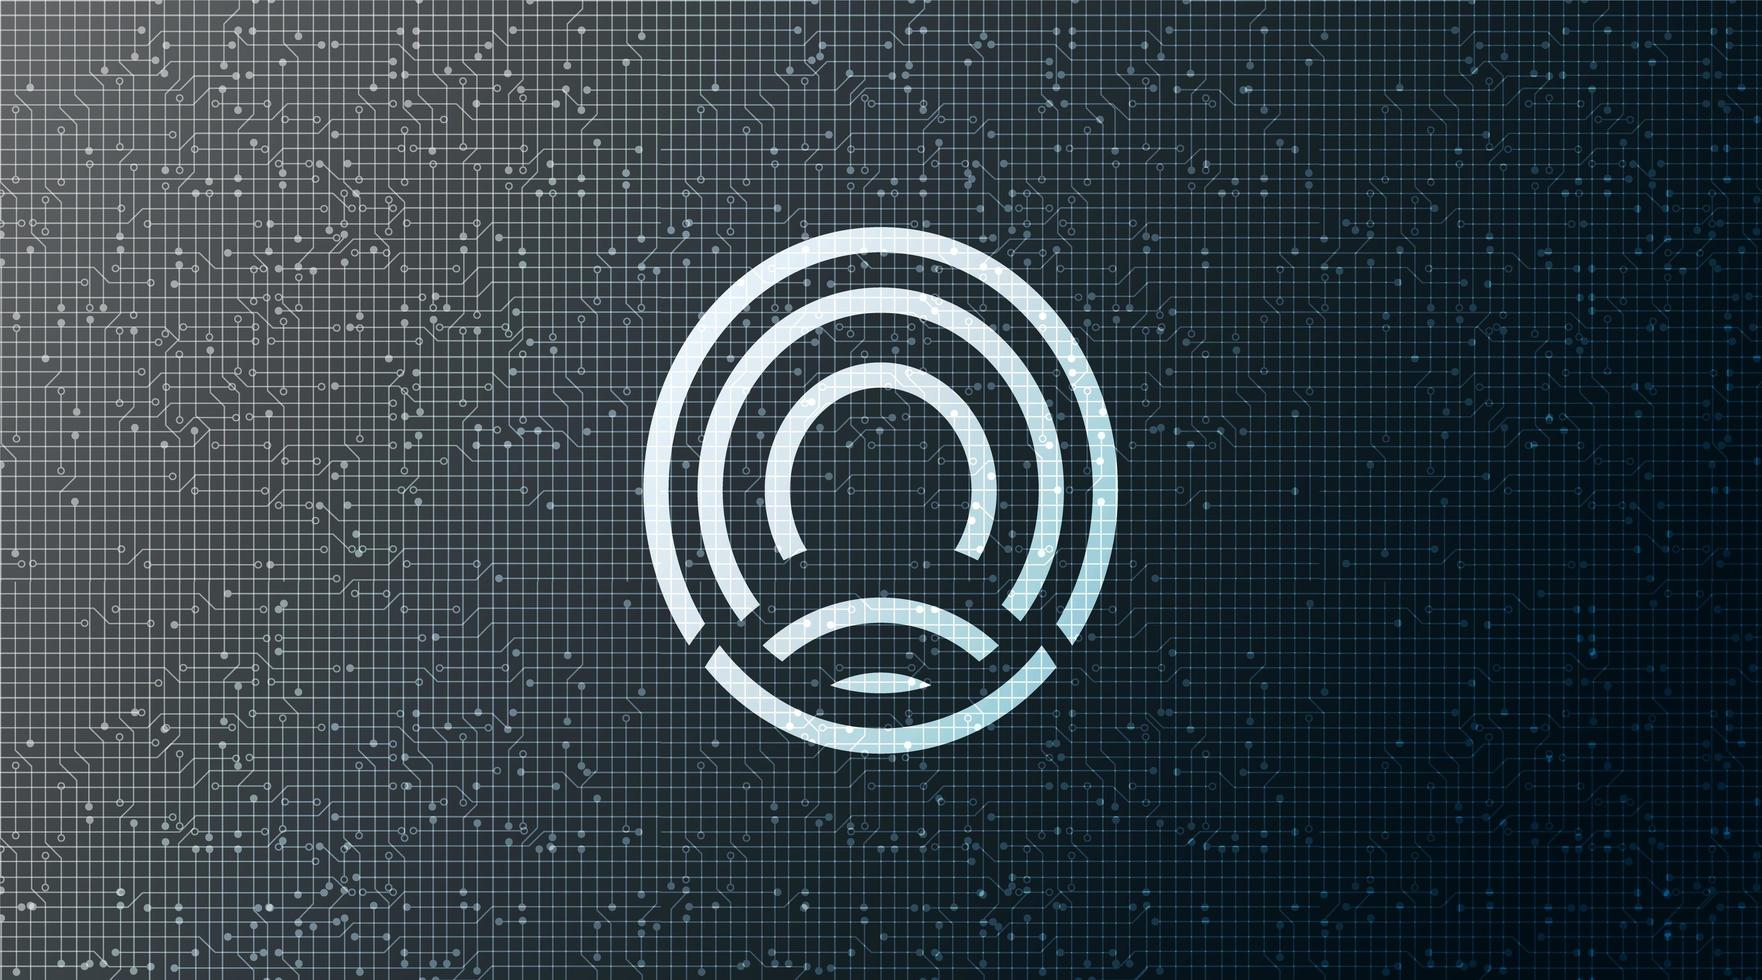 digitales Scannen und Fingerabdruck, Konzept des Scan-Identifikationssystems, Hi-Tech- und Technologie-Konzeptdesign auf Schaltungshintergrund, Vektorillustration. vektor